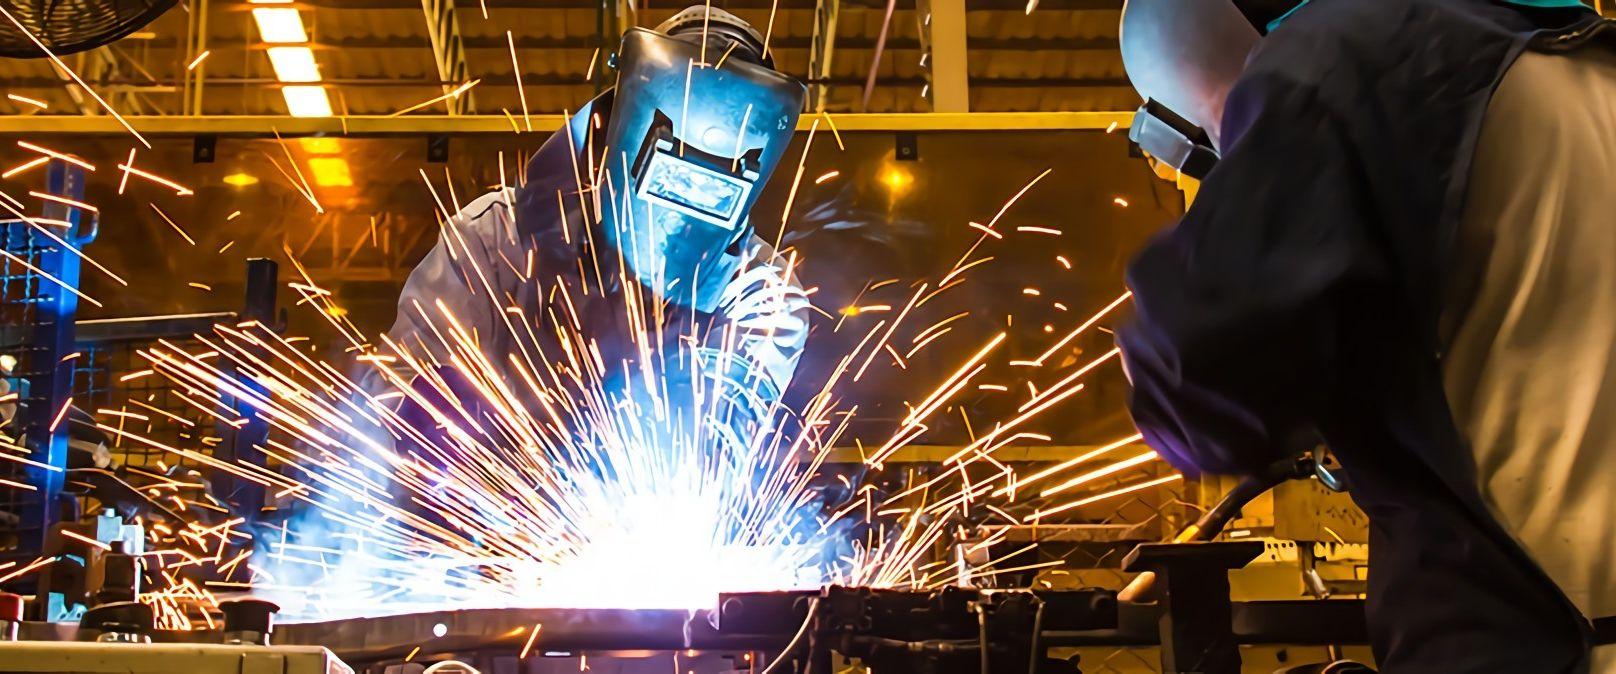 Welding School Guide How To Become A Certified Welder Tulsa Welding School